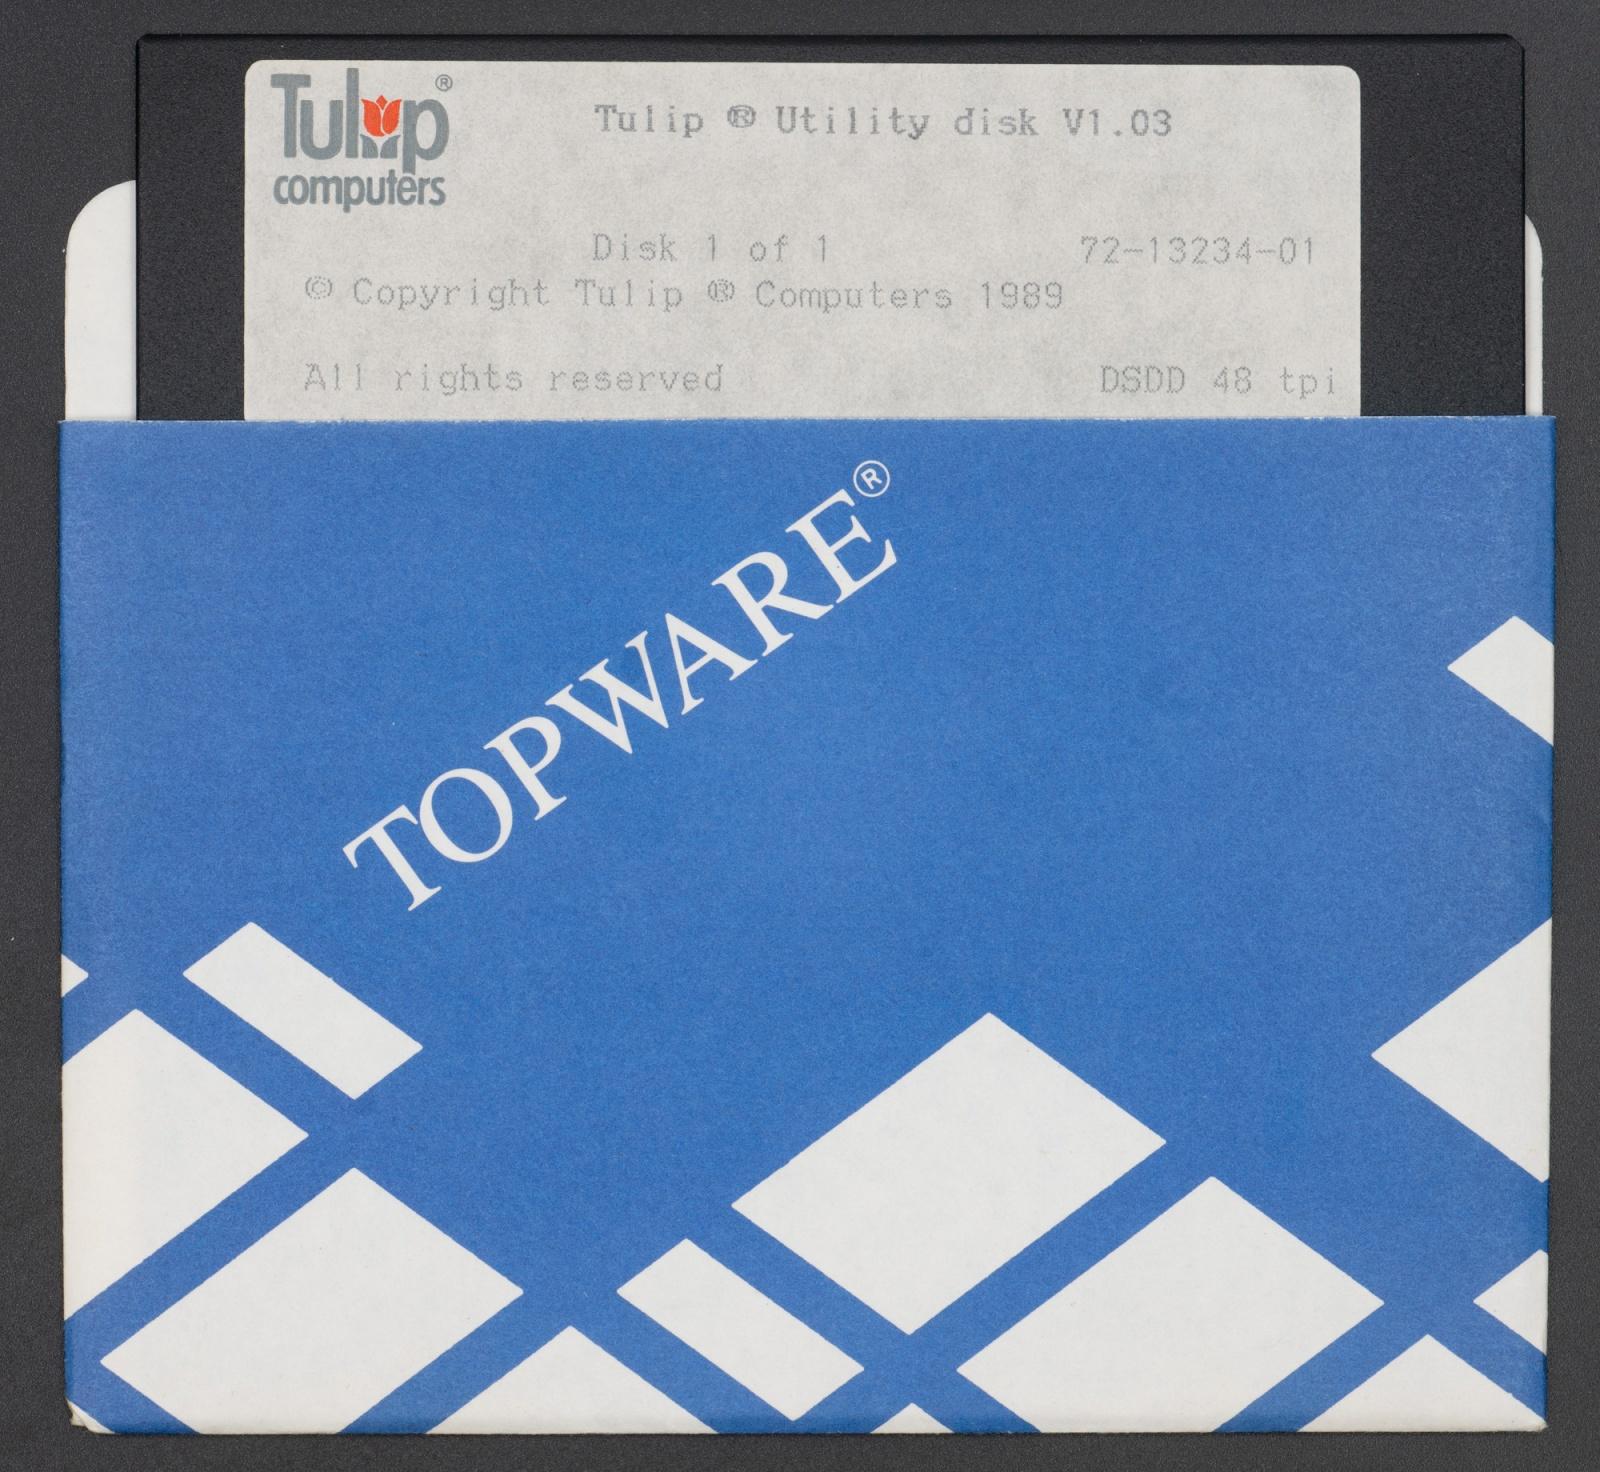 DISTR 3: софт с пятидюймовых дискет - 2